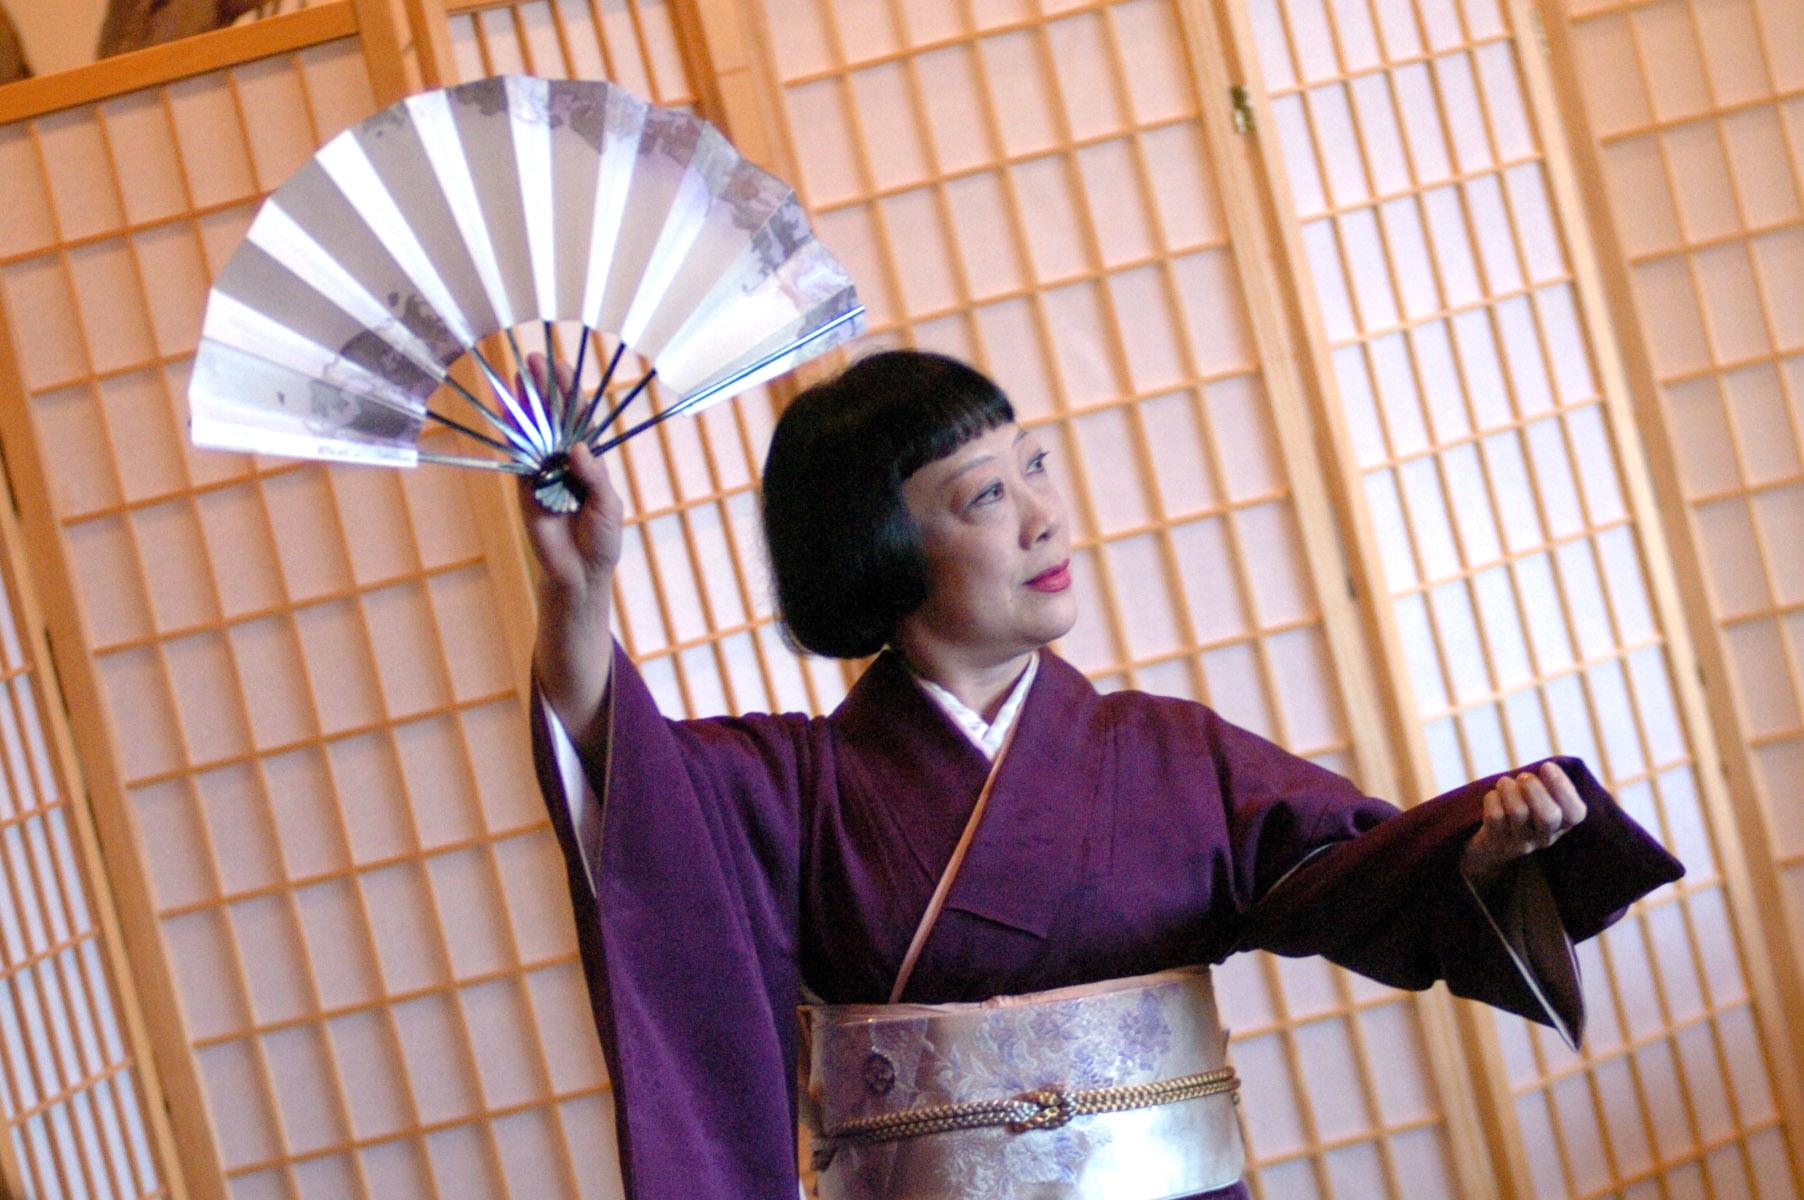 Performance photo of K.Ohnishi